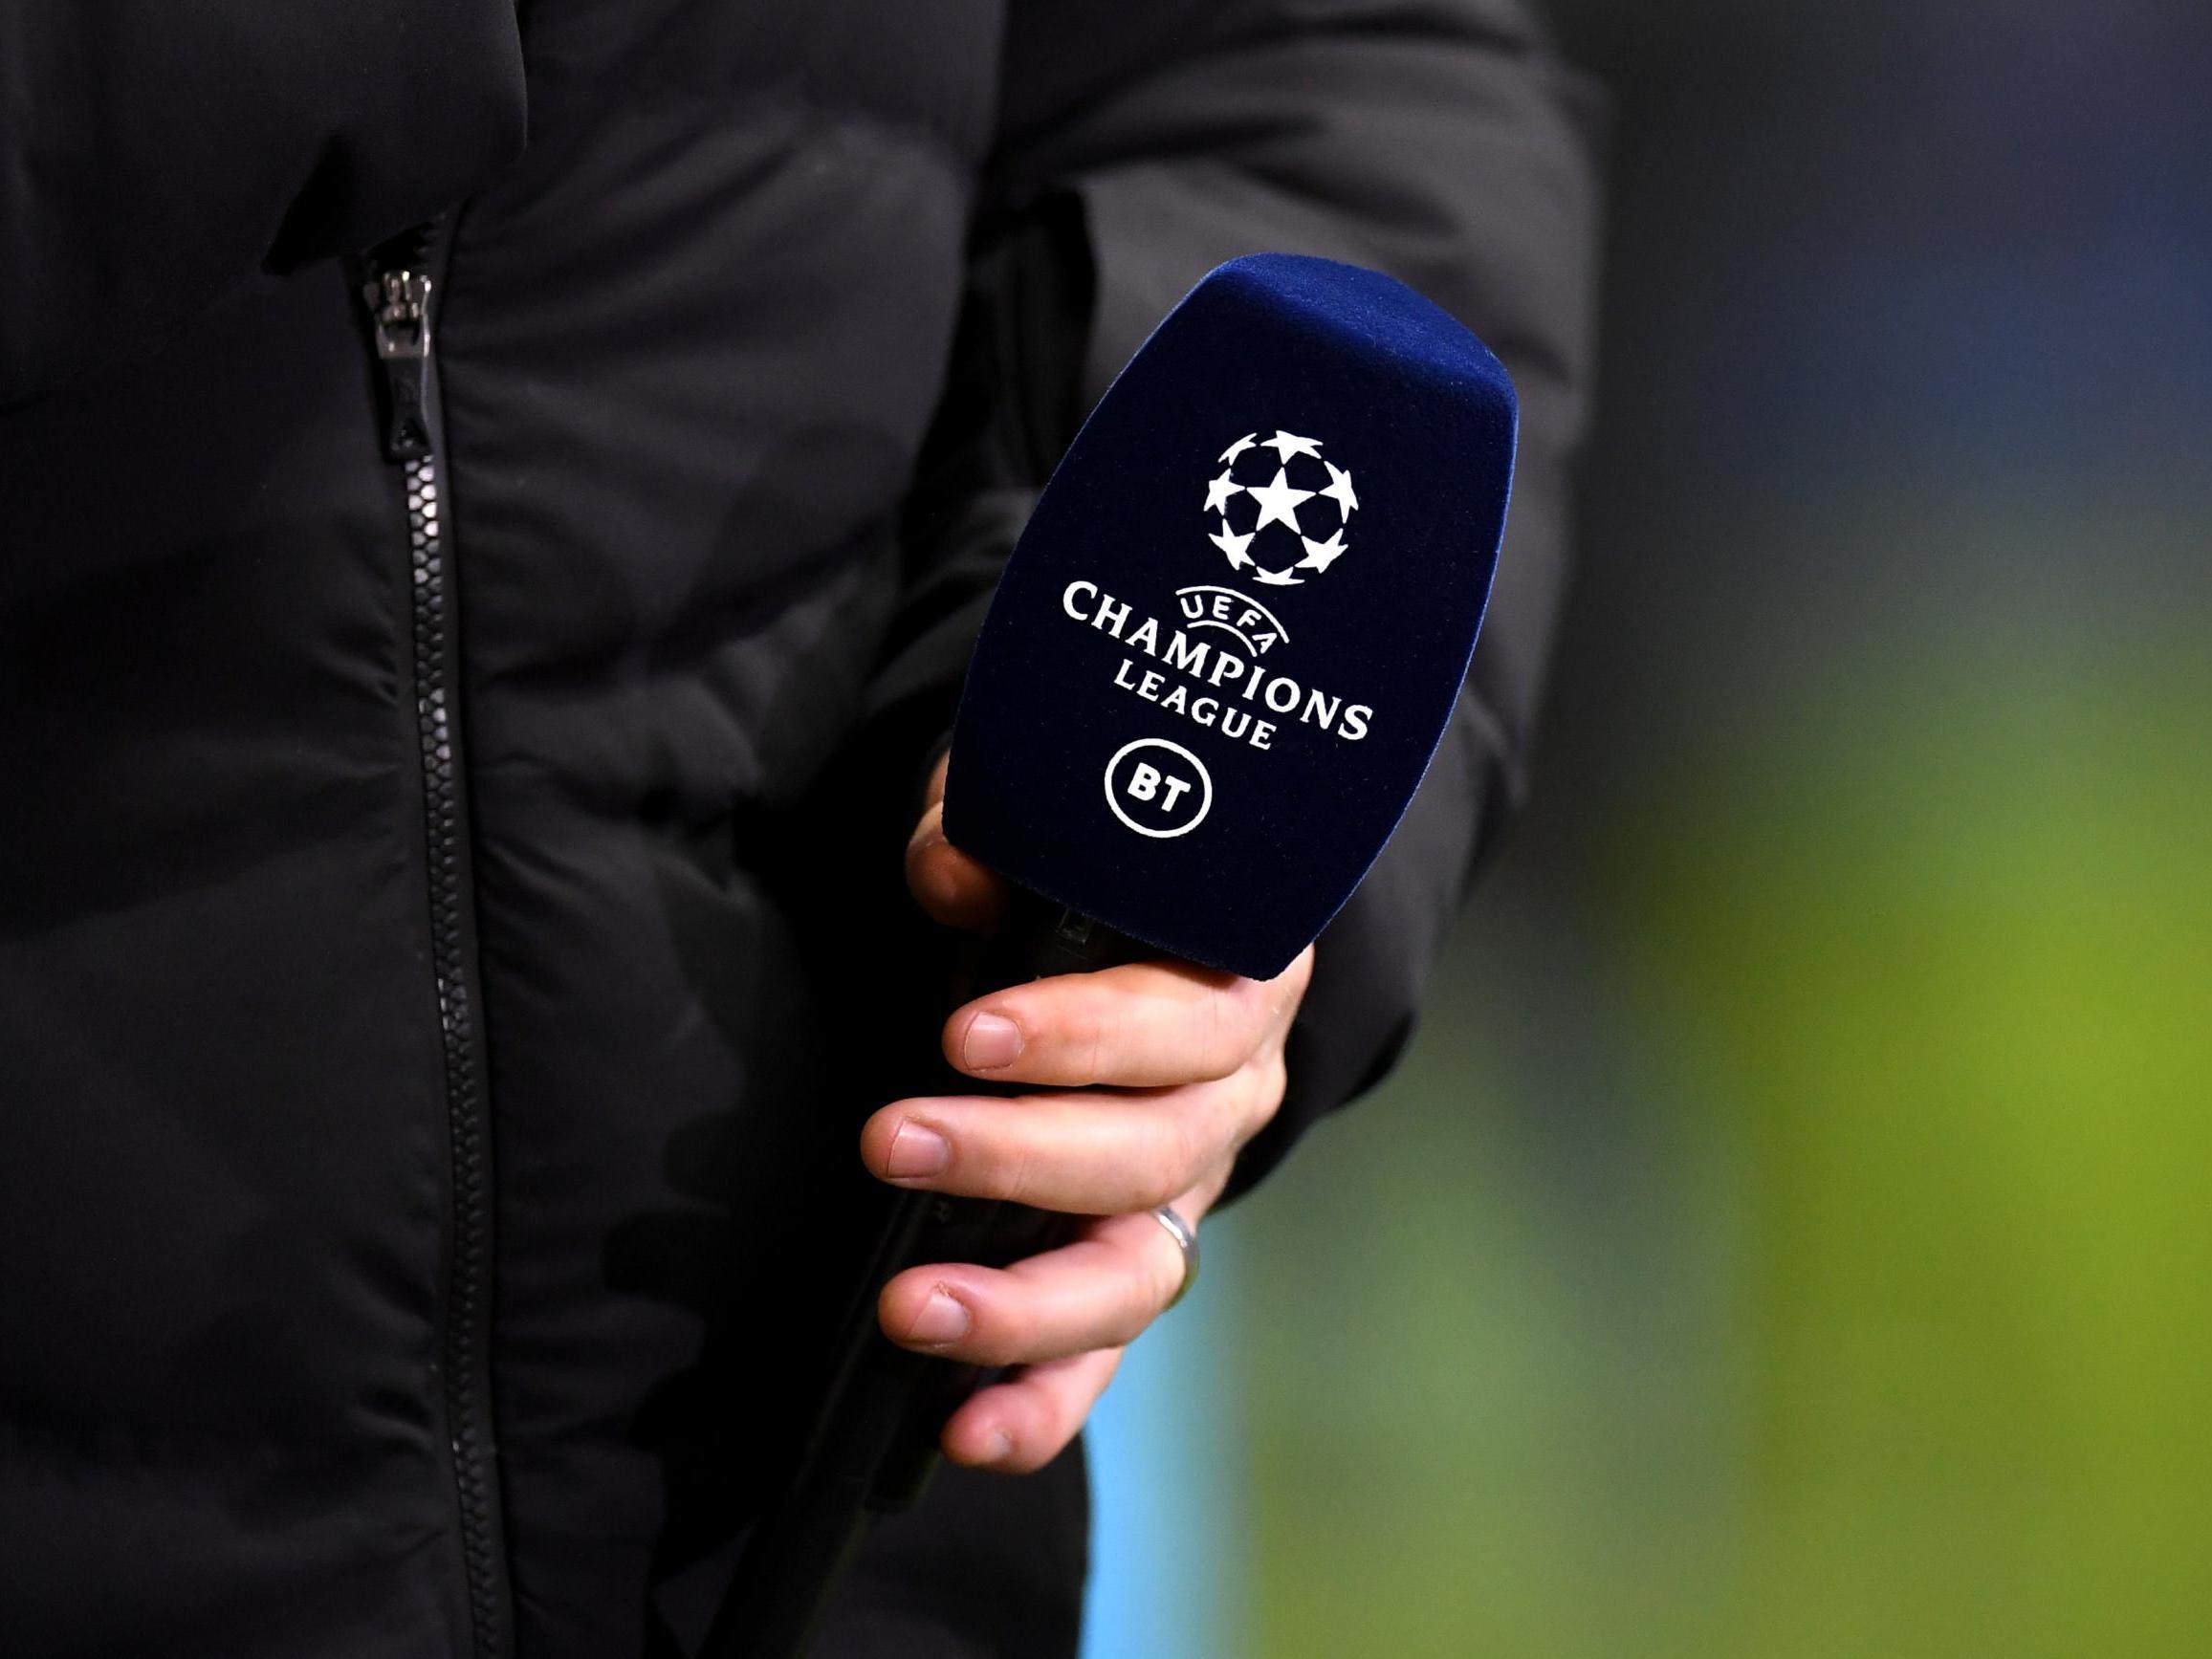 BT Sport retains Champions League rights until 2024